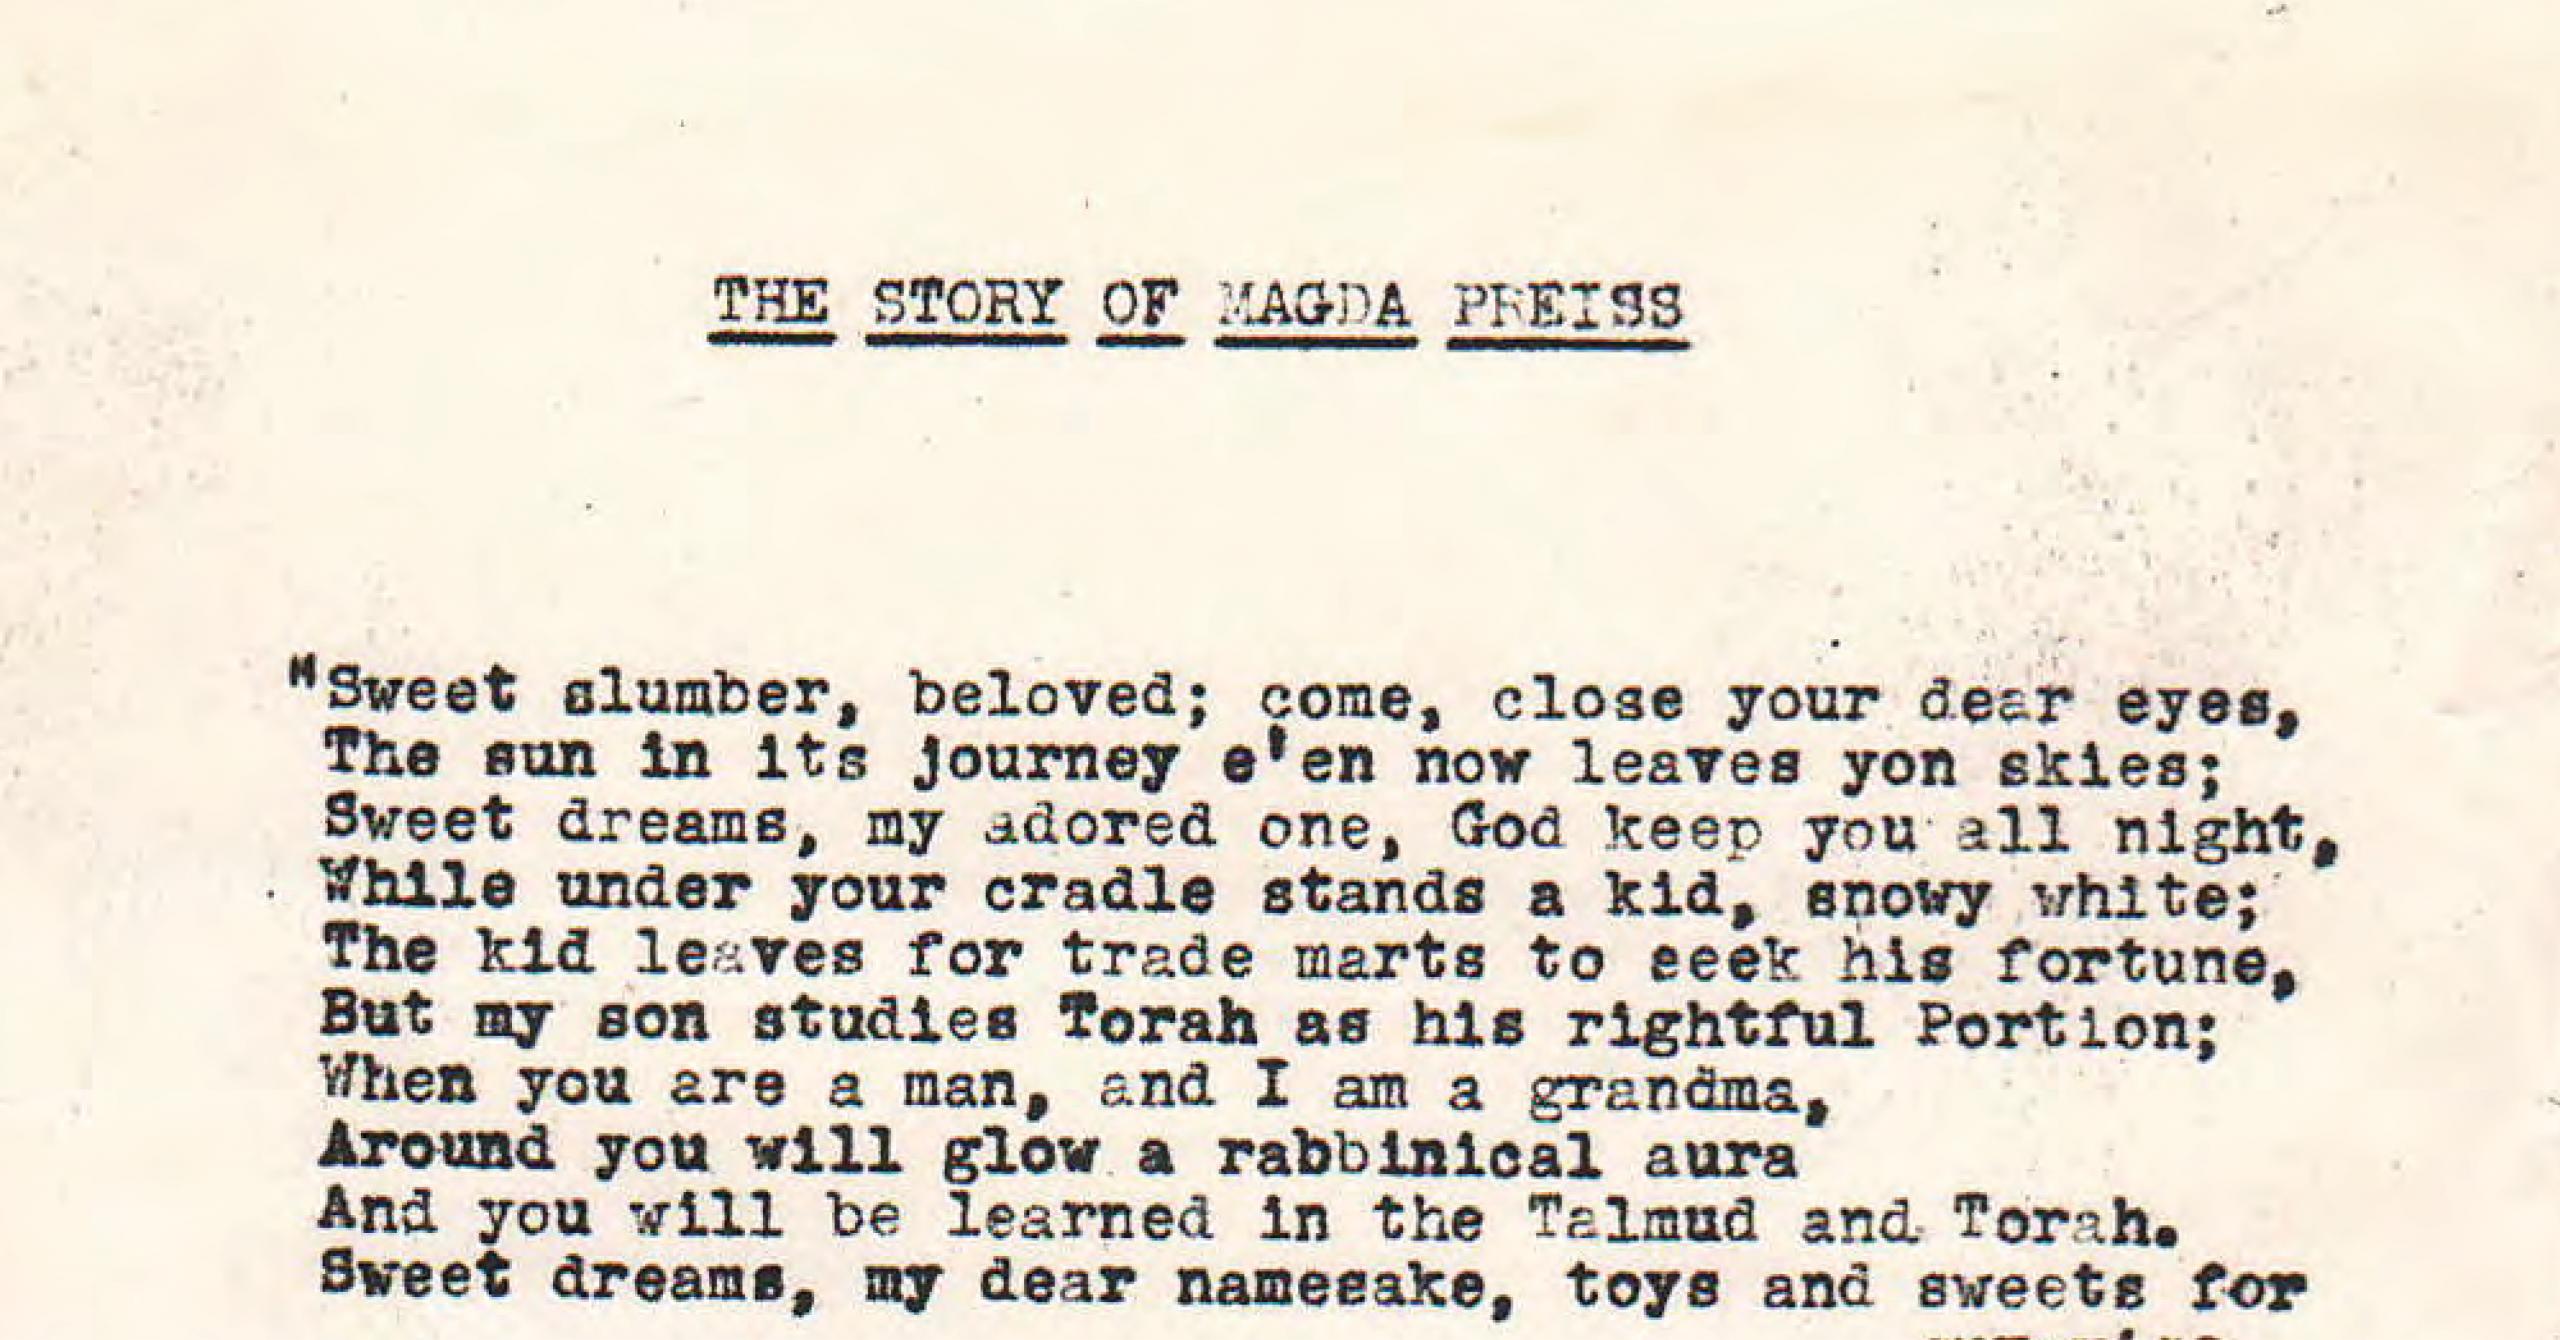 Original Manuscript for The Story of Magda Preiss